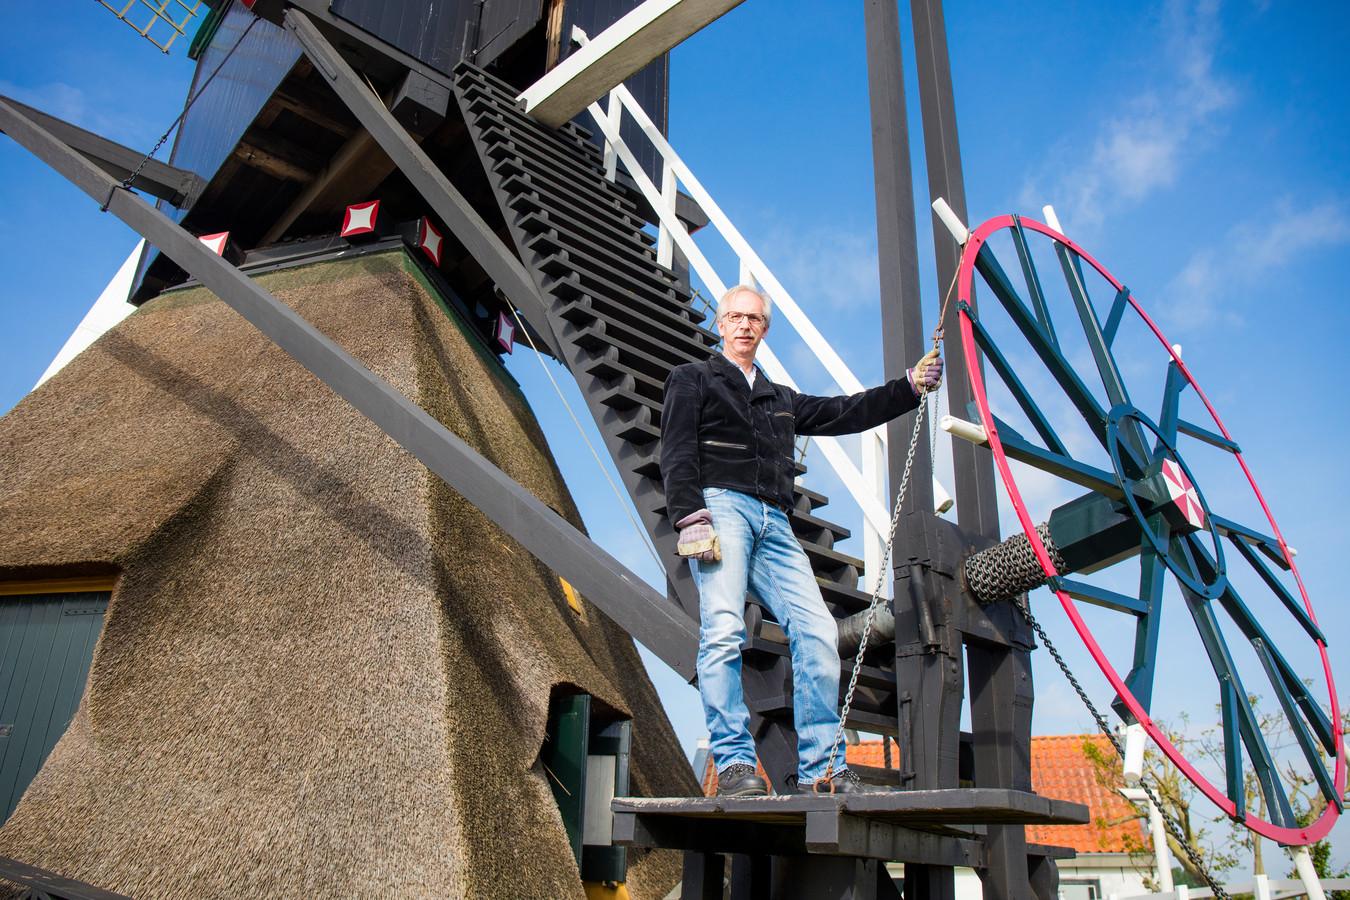 Pieter Koopmans is de nieuwe vaste molenaar van de Steektermolen.